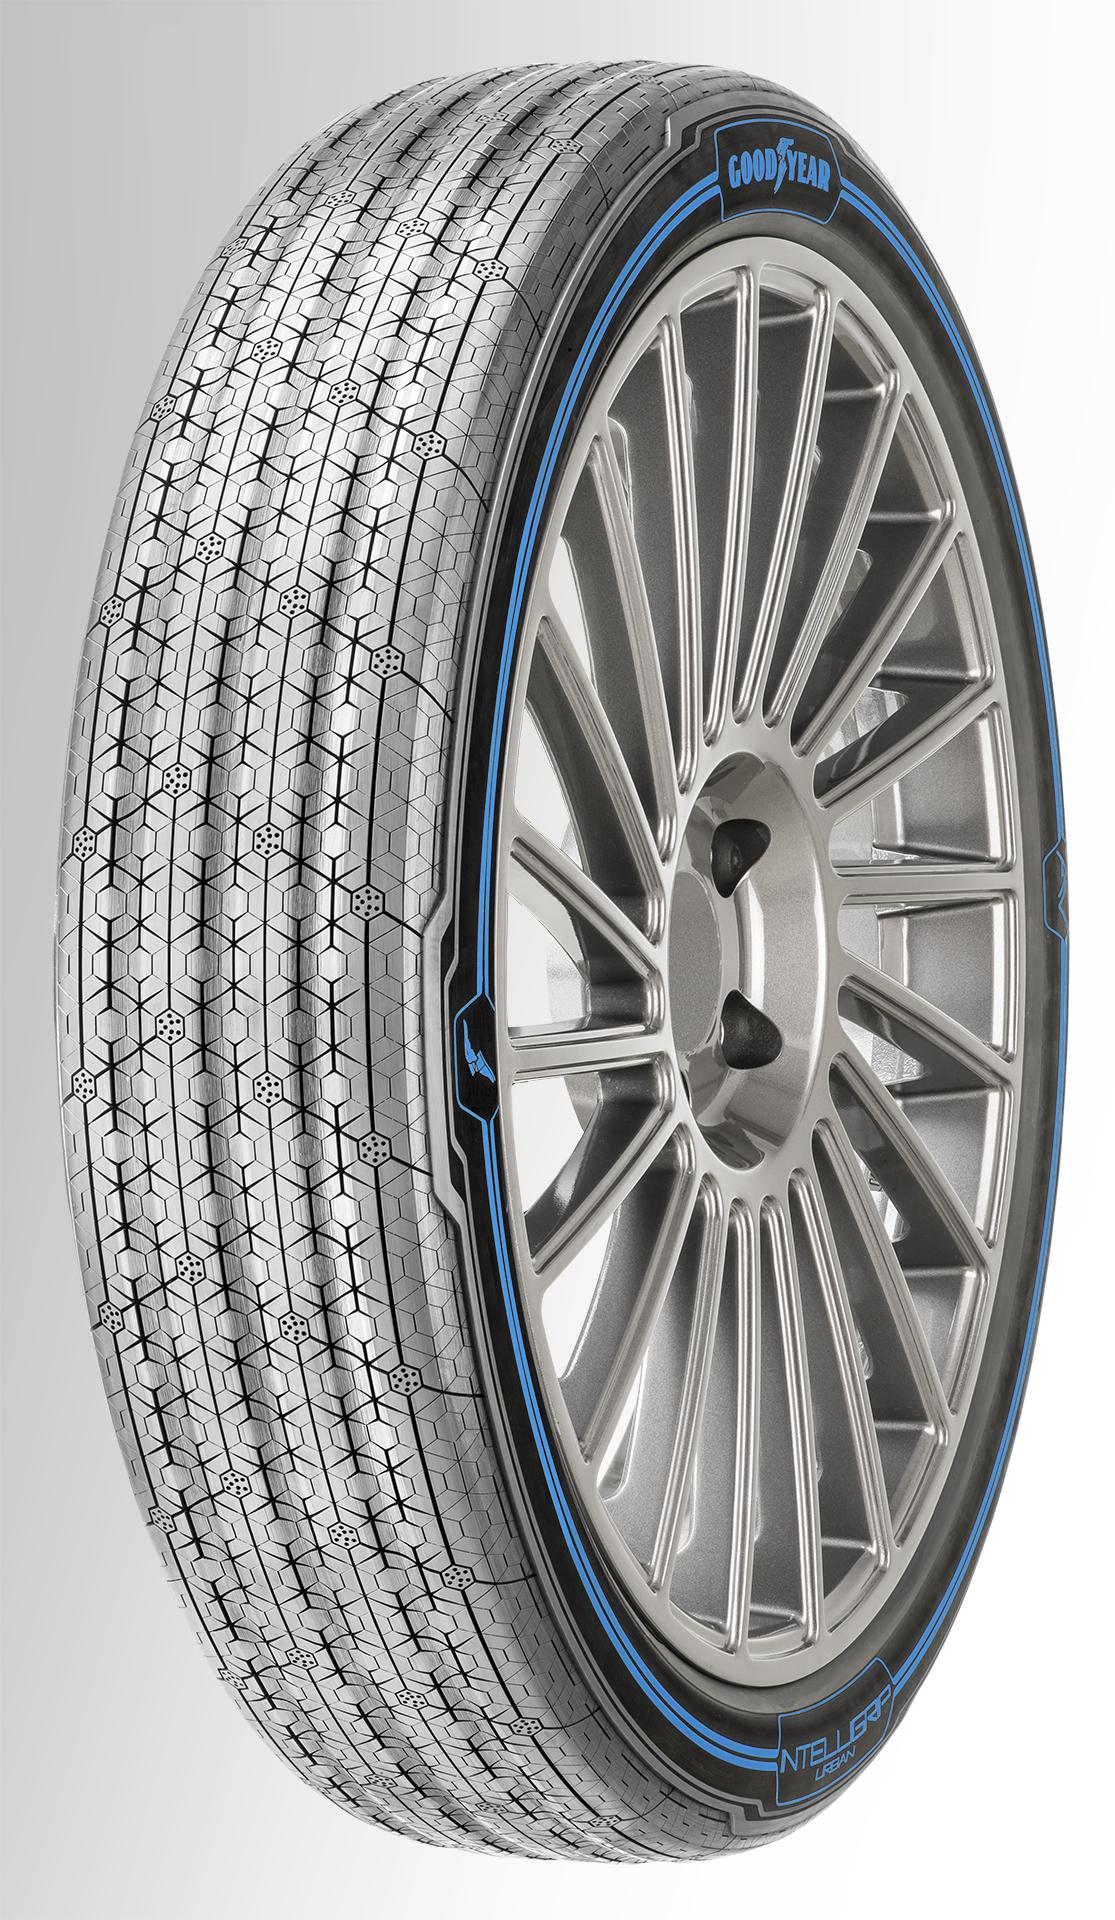 goodyear pr sente le concept pneu intelligrip urban un pneu intelligent pour les flottes. Black Bedroom Furniture Sets. Home Design Ideas